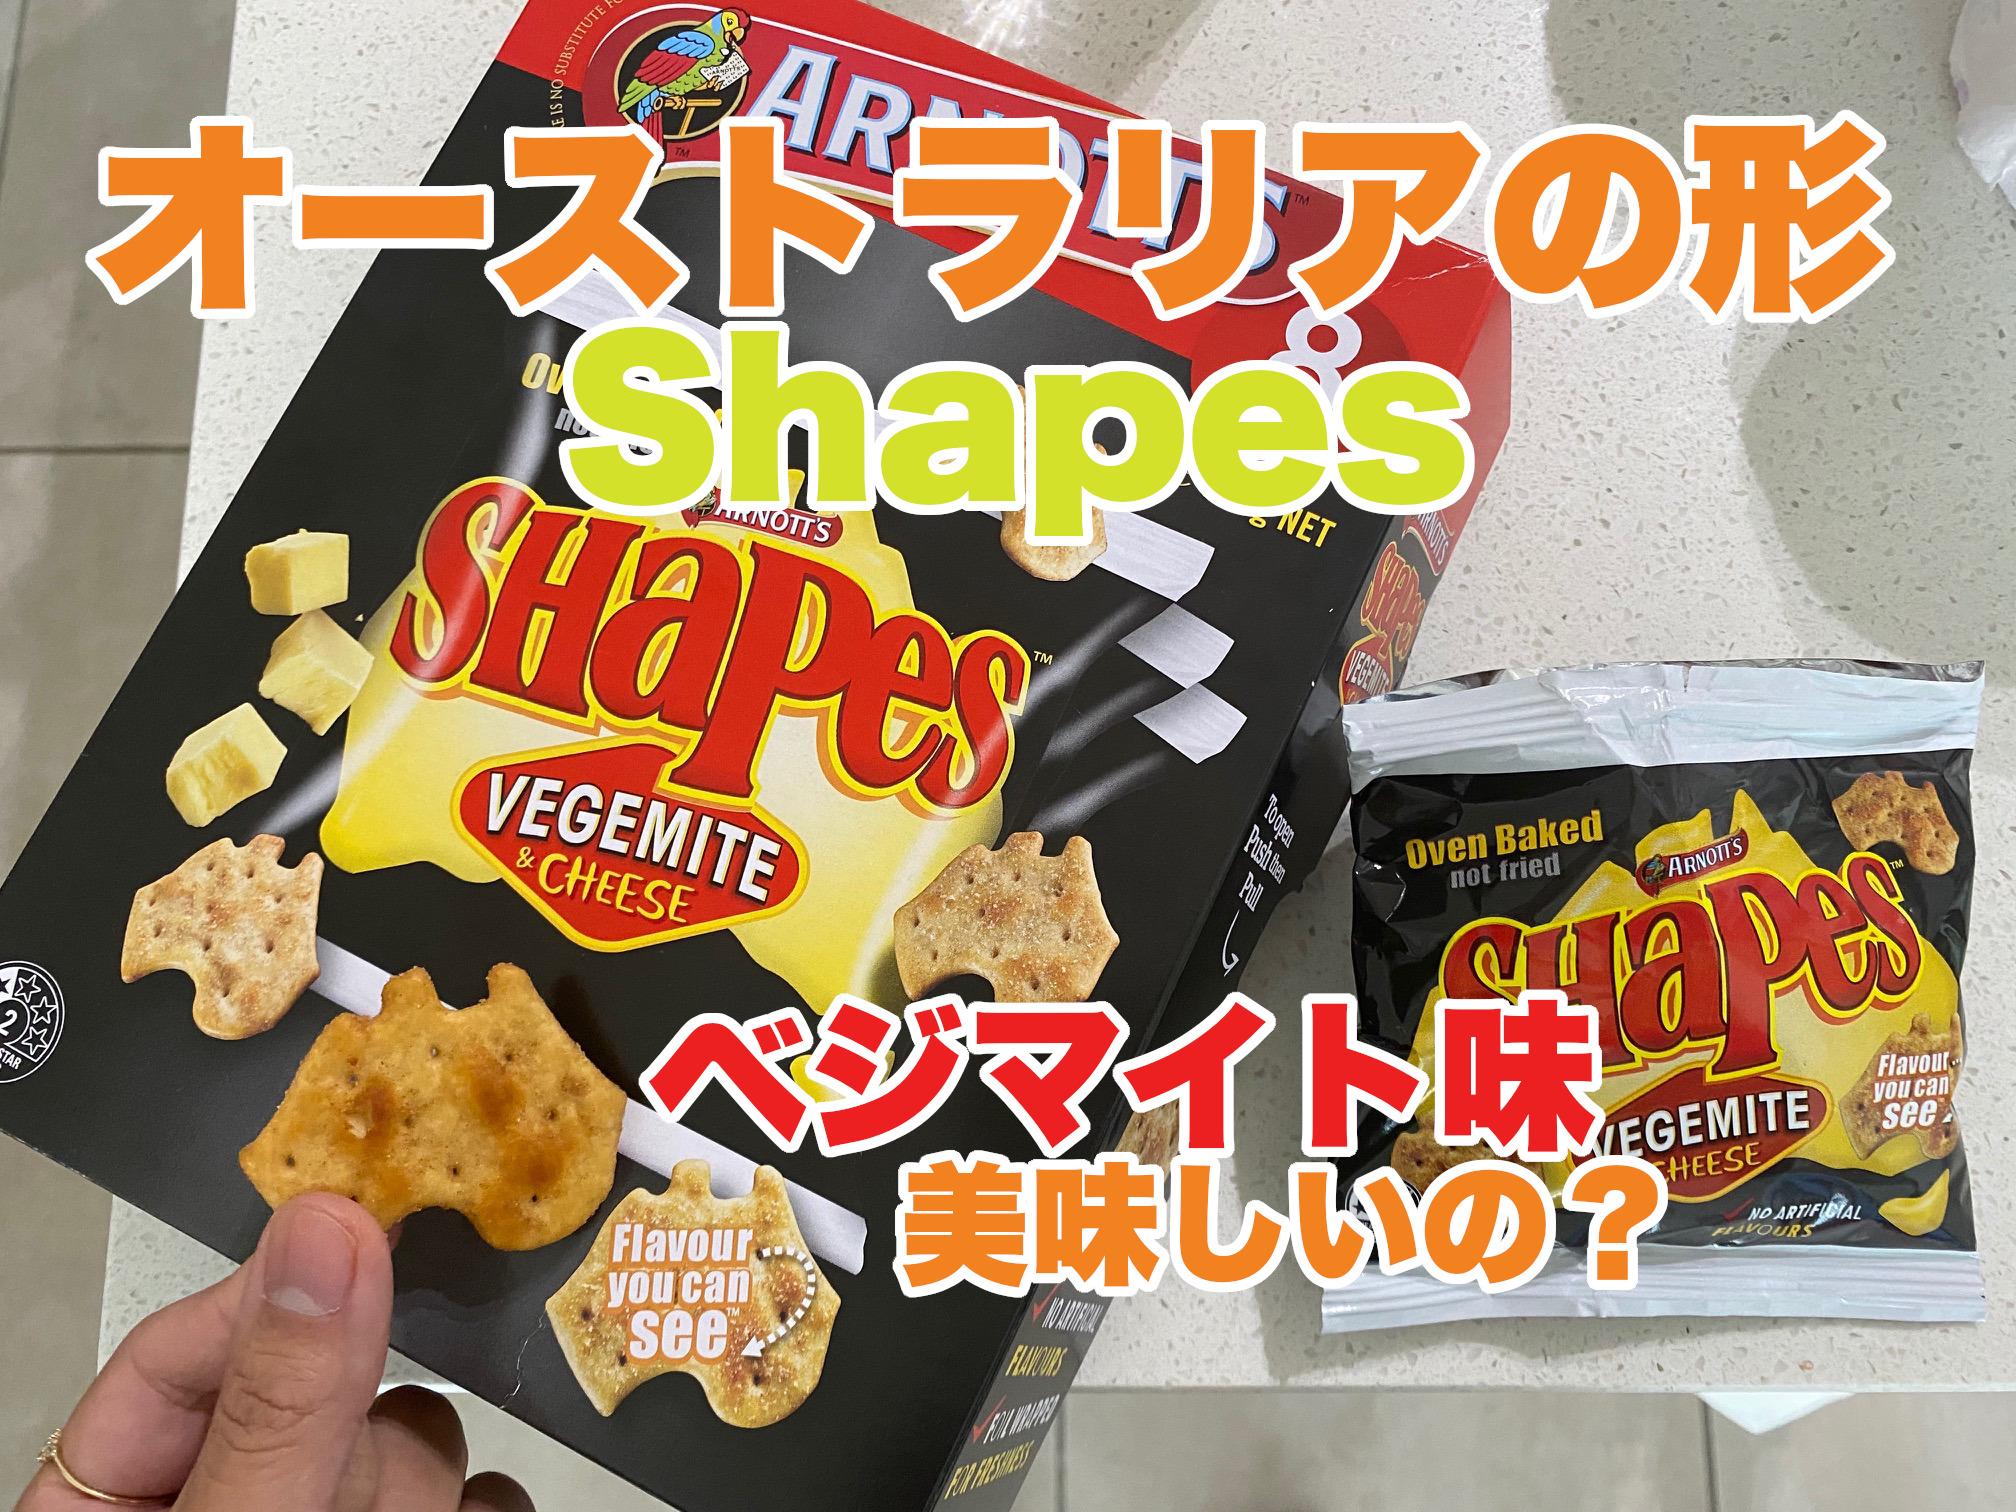 オーストラリアのお菓子Shapesベジマイト味は美味しいの?